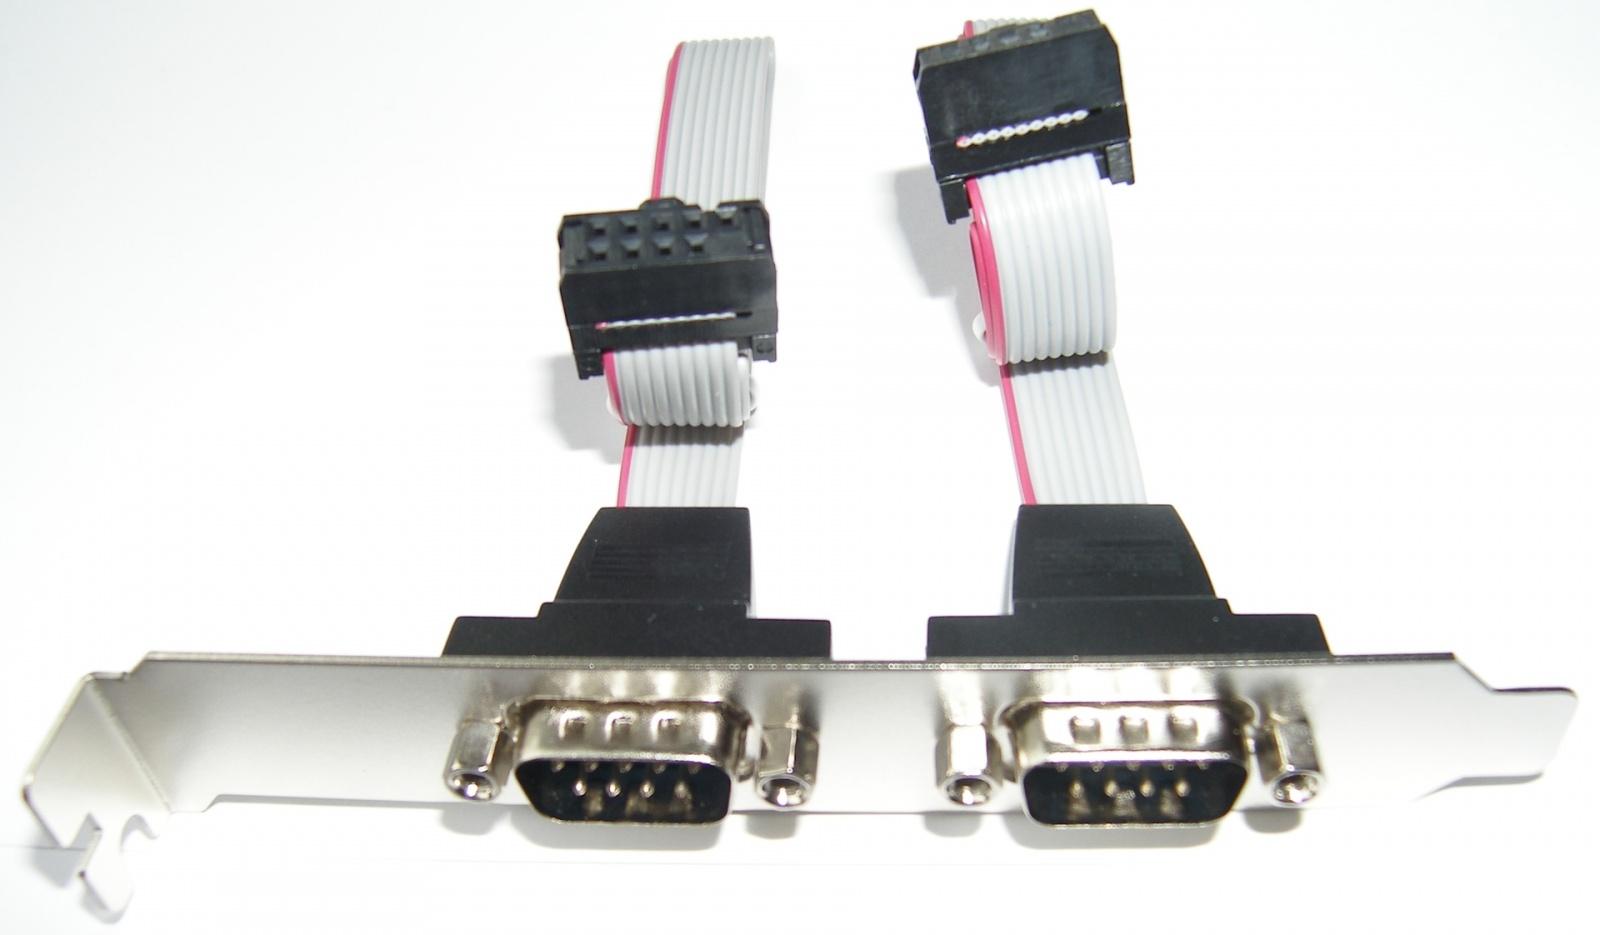 Адаптеры сопряжения RS-422 с поддержкой скоростей до 1Мбод для системной шины PCI - 8